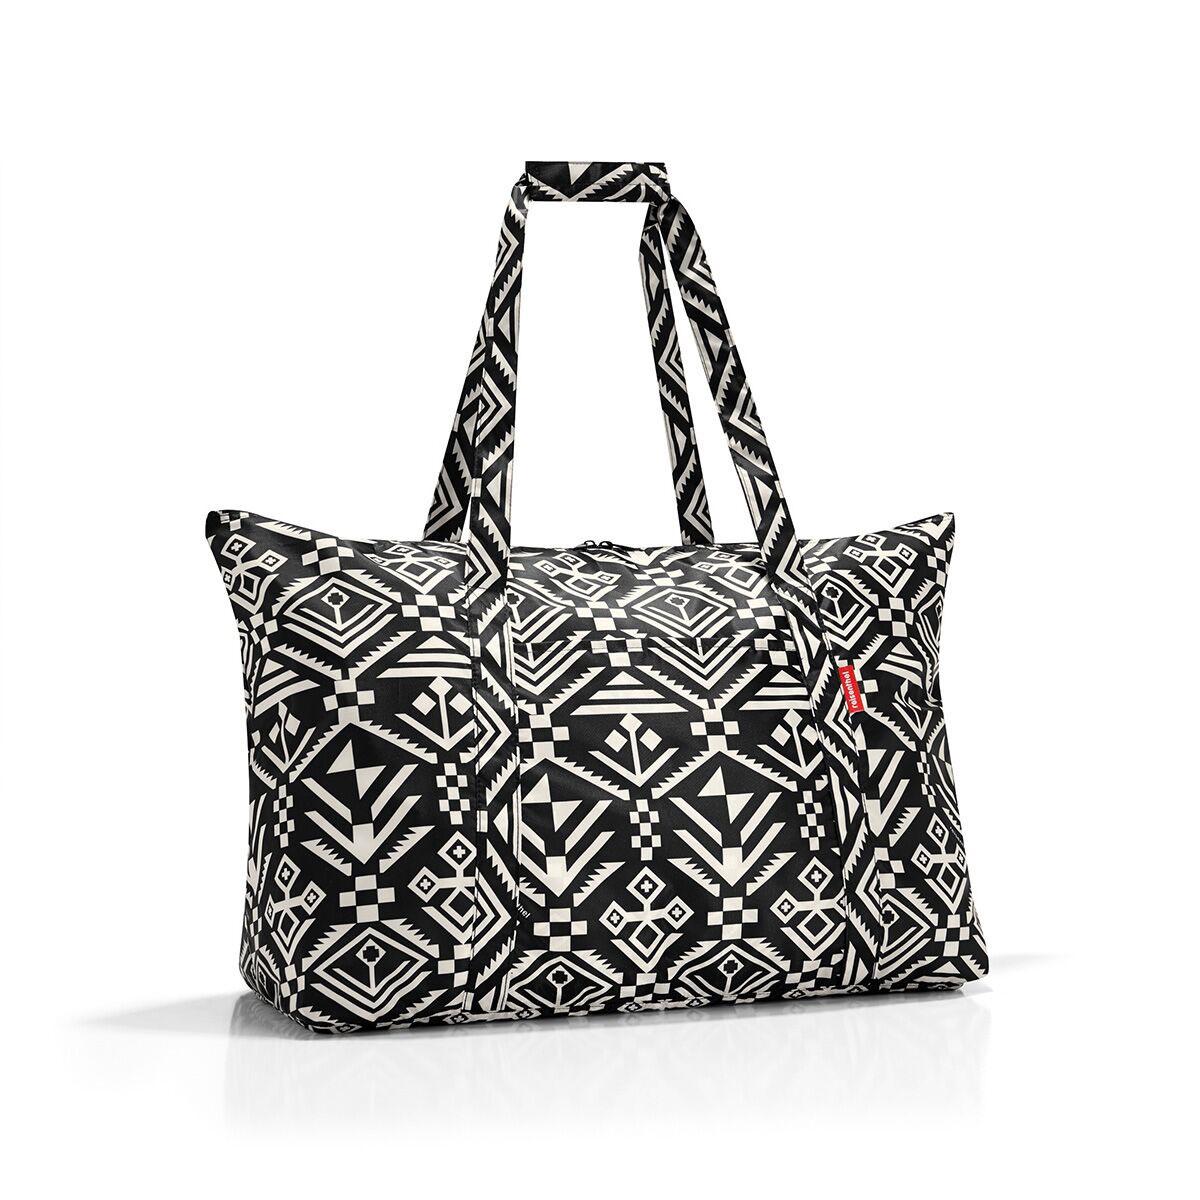 Сумка дорожная жен. Reisenthel, цвет: черный. AG7034AG7034Идеальный компаньон для путешествий, ведь из поездки мы всегда возвращаемся со множеством сувениров и покупок. Так что еще одна сумка пригодится. Она легко складывается в маленький чехол, которые можно взять с собой в сумке или рюкзаке. Так же можно использовать для похода за продуктами. Внутренний объем сумки - 30 литров. Есть внешний кармашек для мелочей. Для удобства ручки сумки можно соединить между собой.